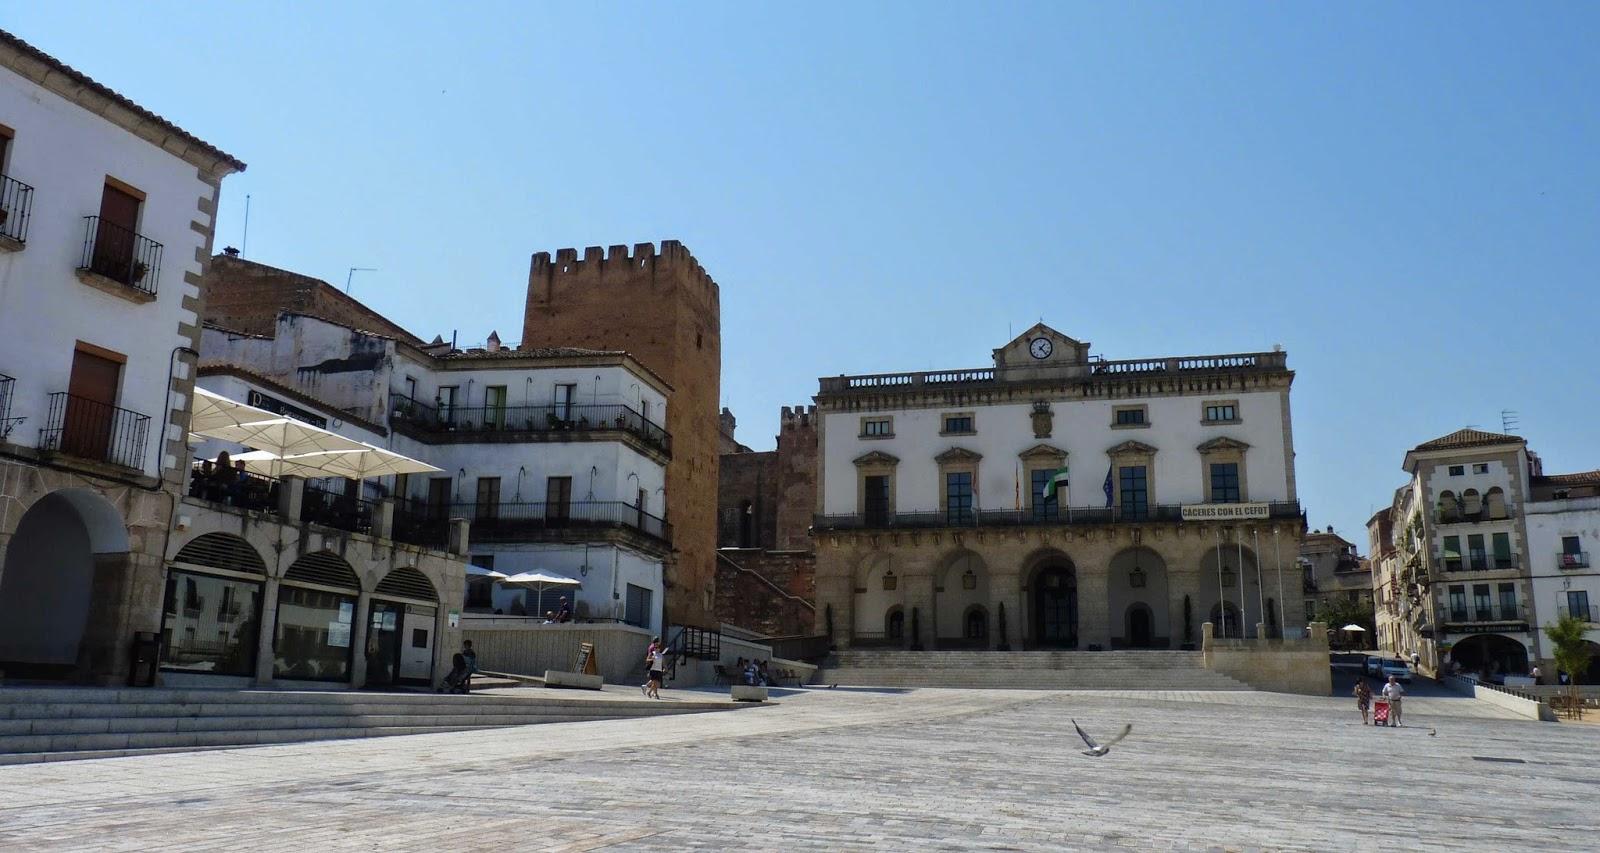 Ayuntamiento y Torre de la Yerba, Cáceres.